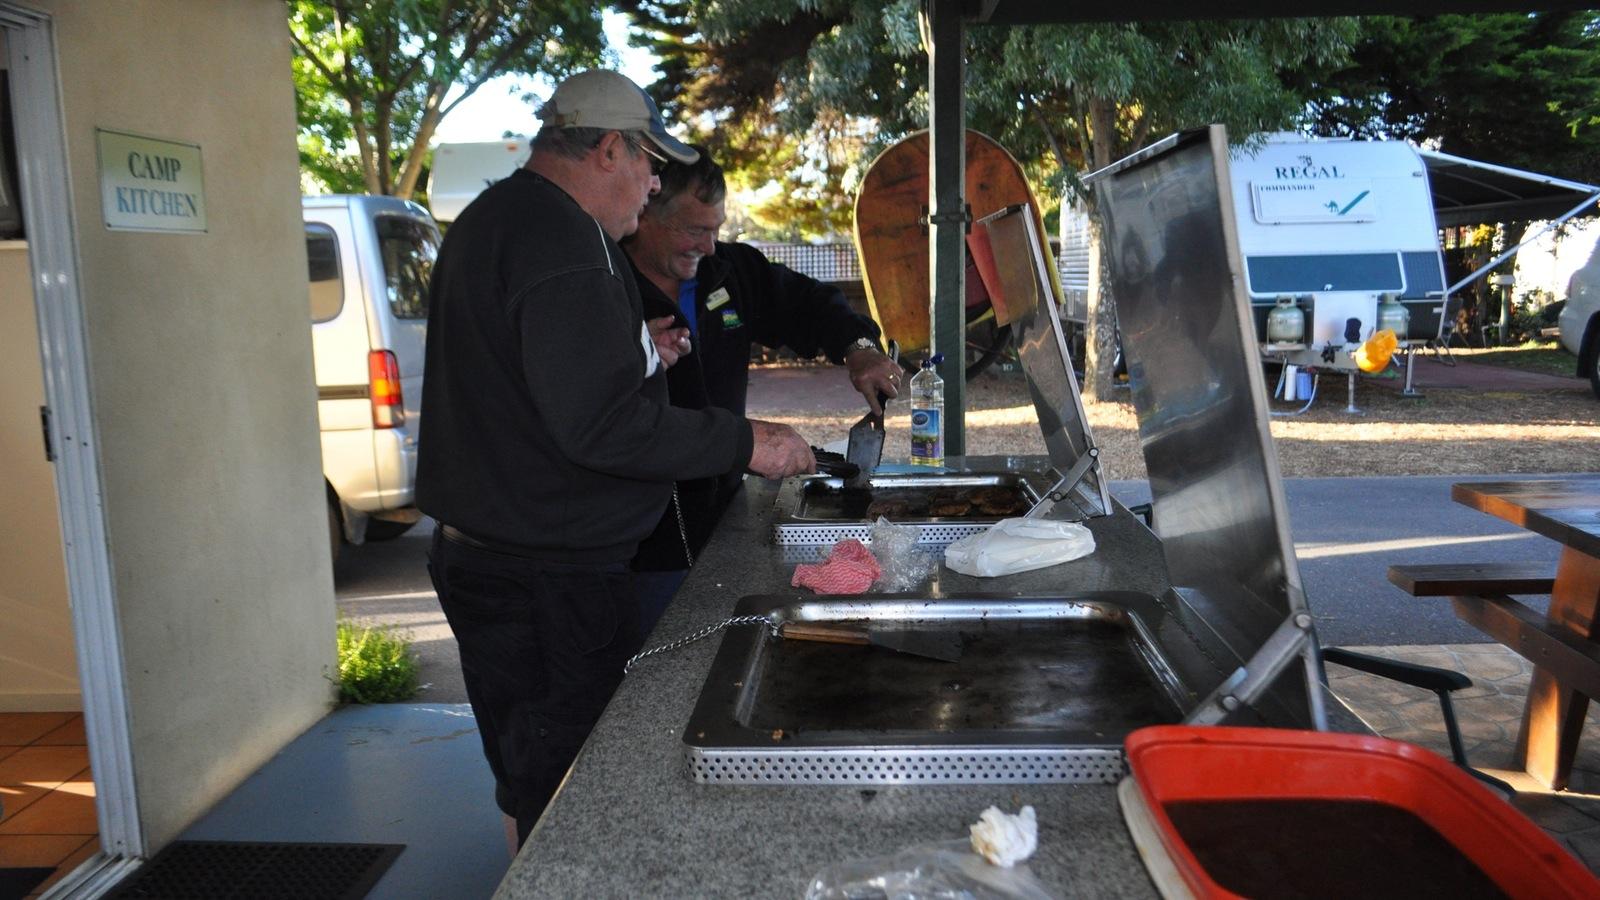 BBQs at Camp Kitchen